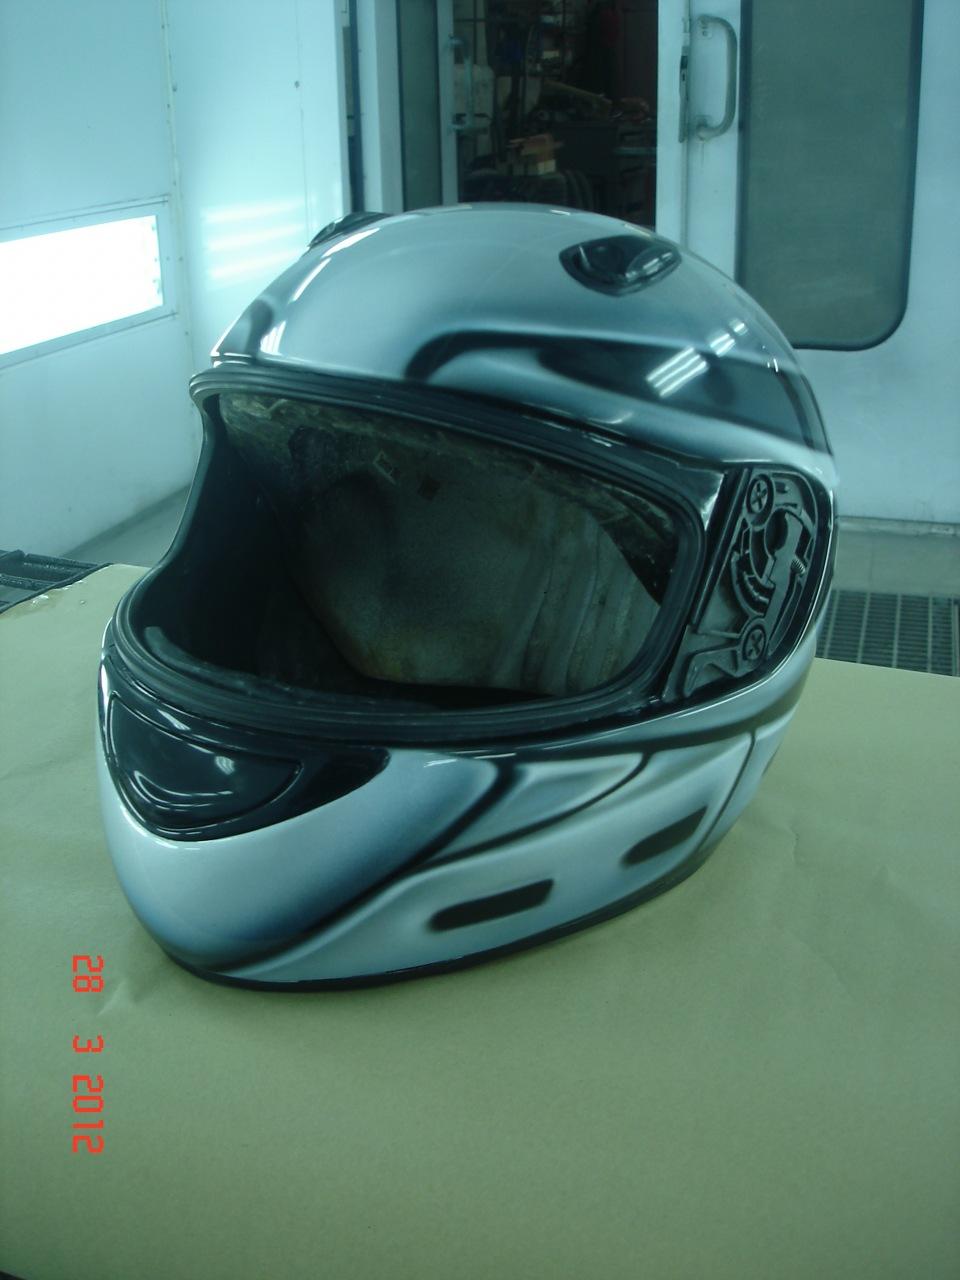 Шлем под мо�о�икл � а��ог�а�ией